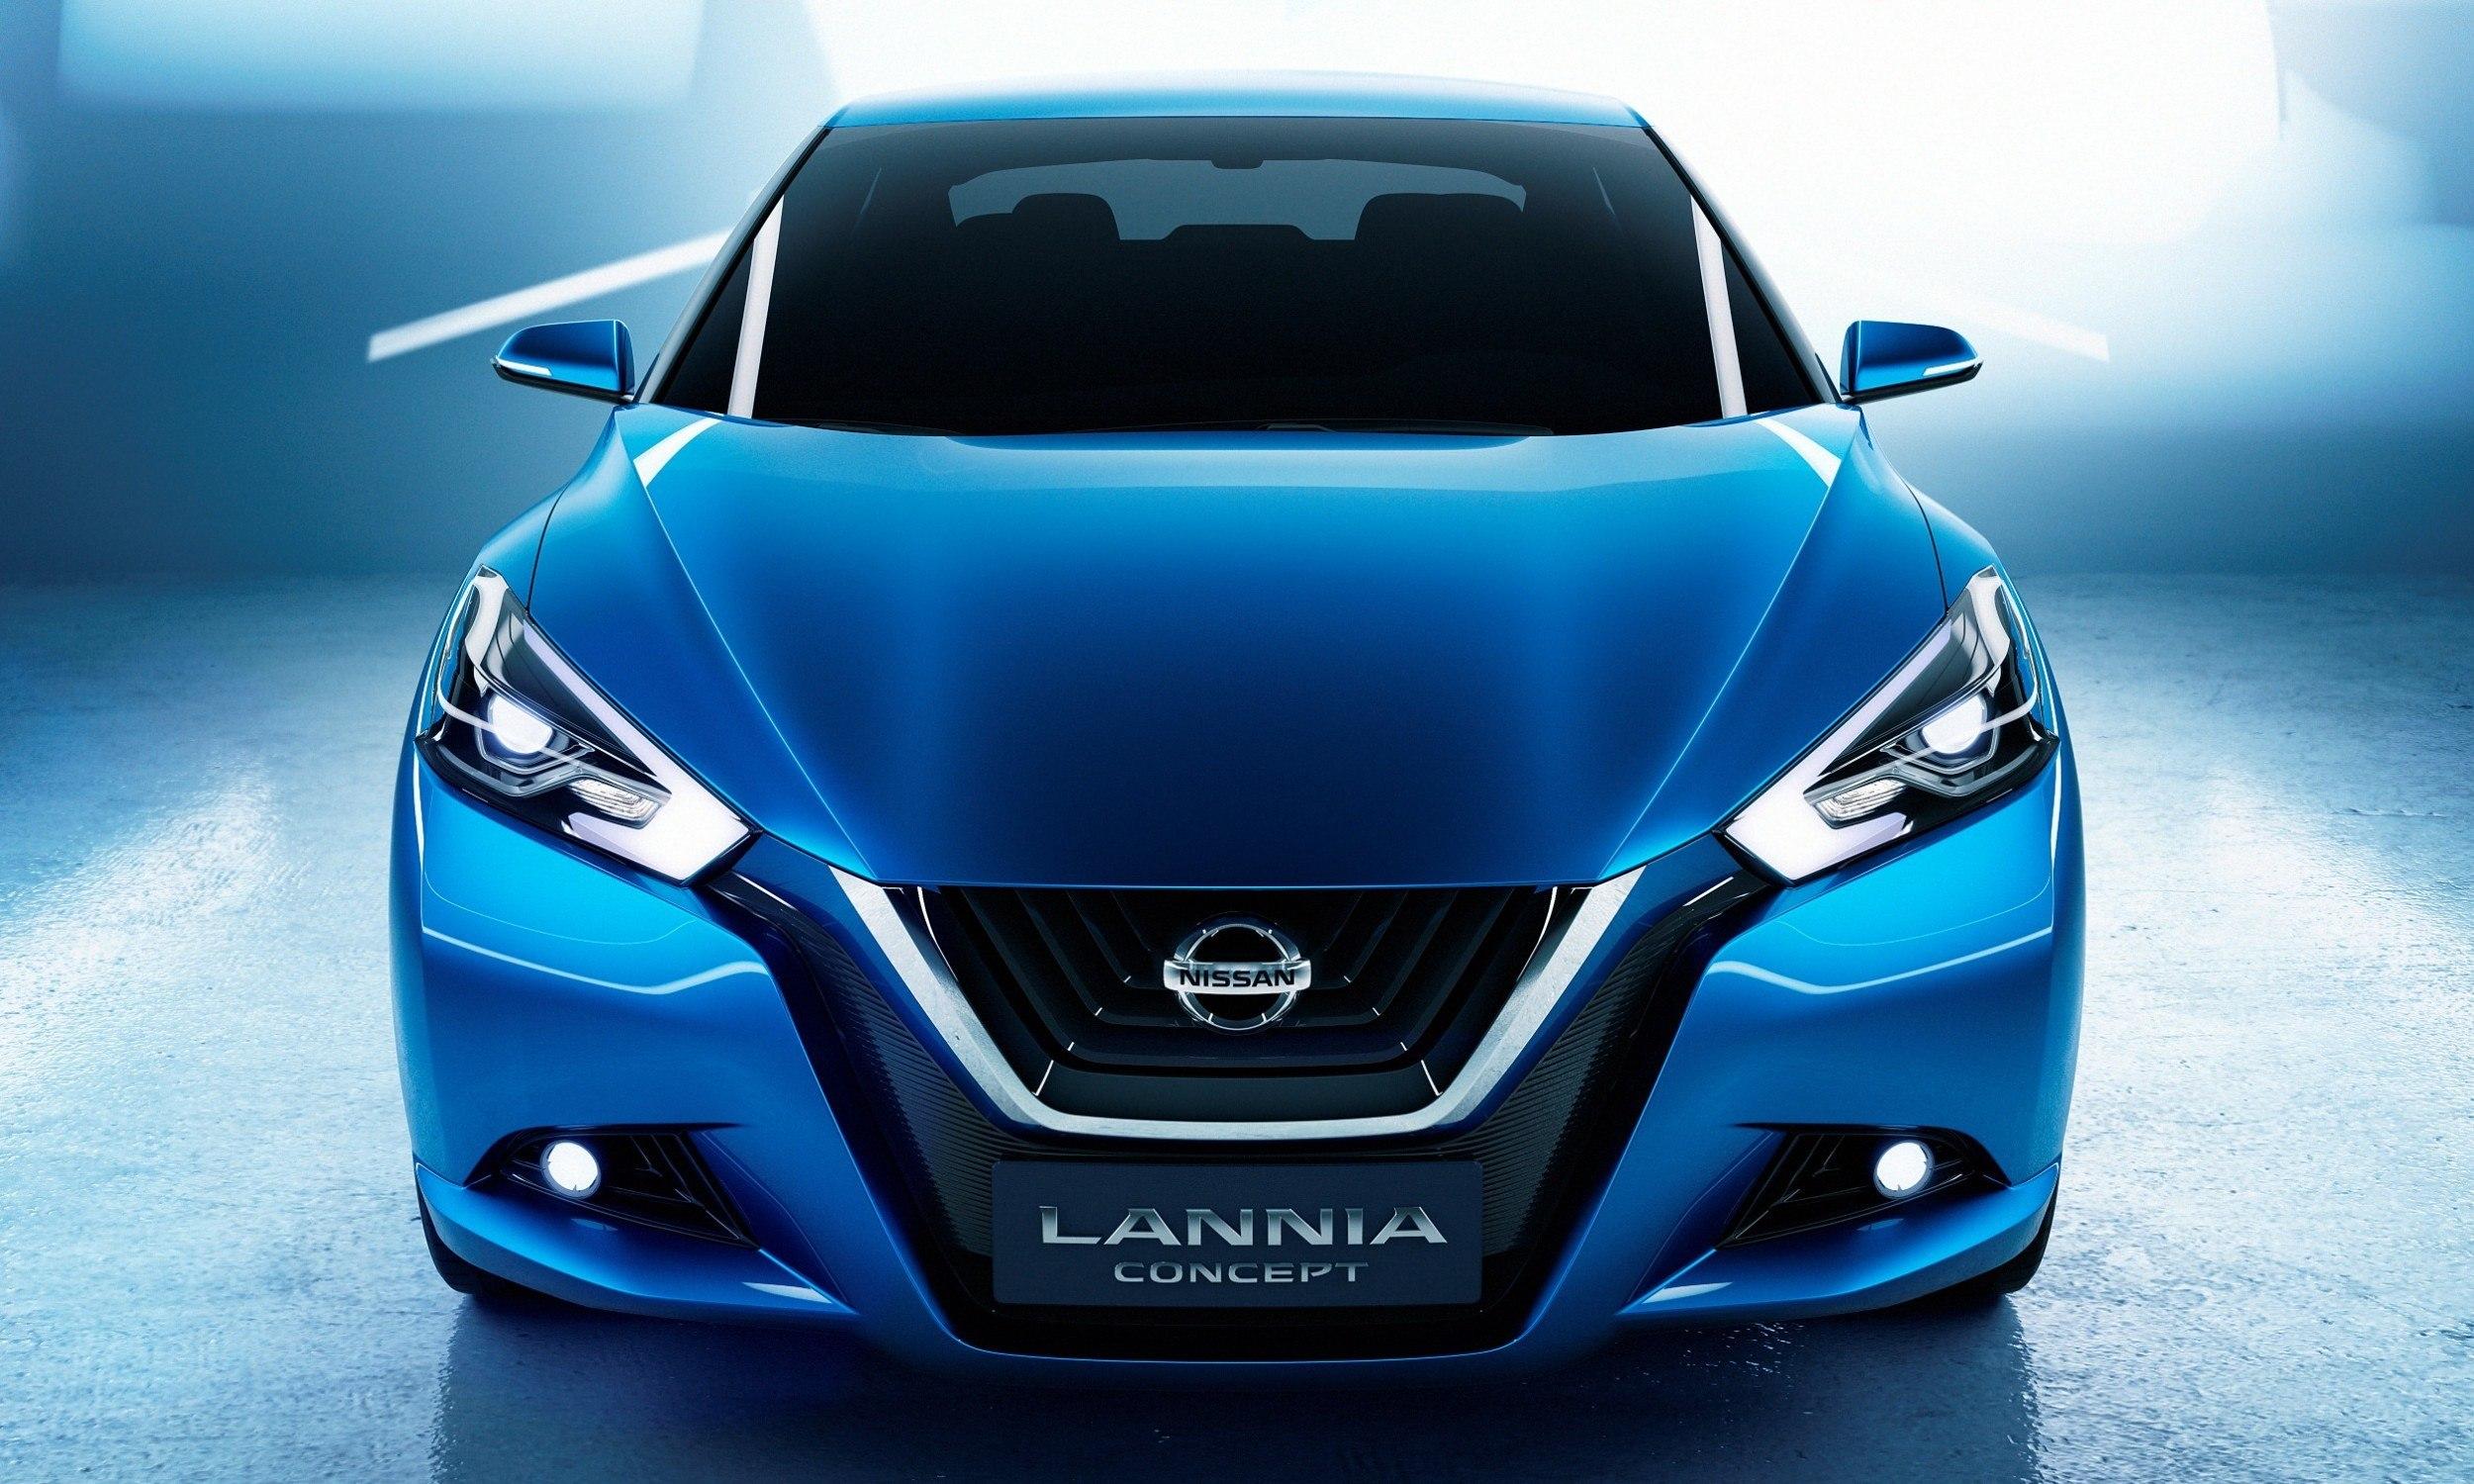 2014 Nissan Lannia Concept Previews Next Leaf EV 20